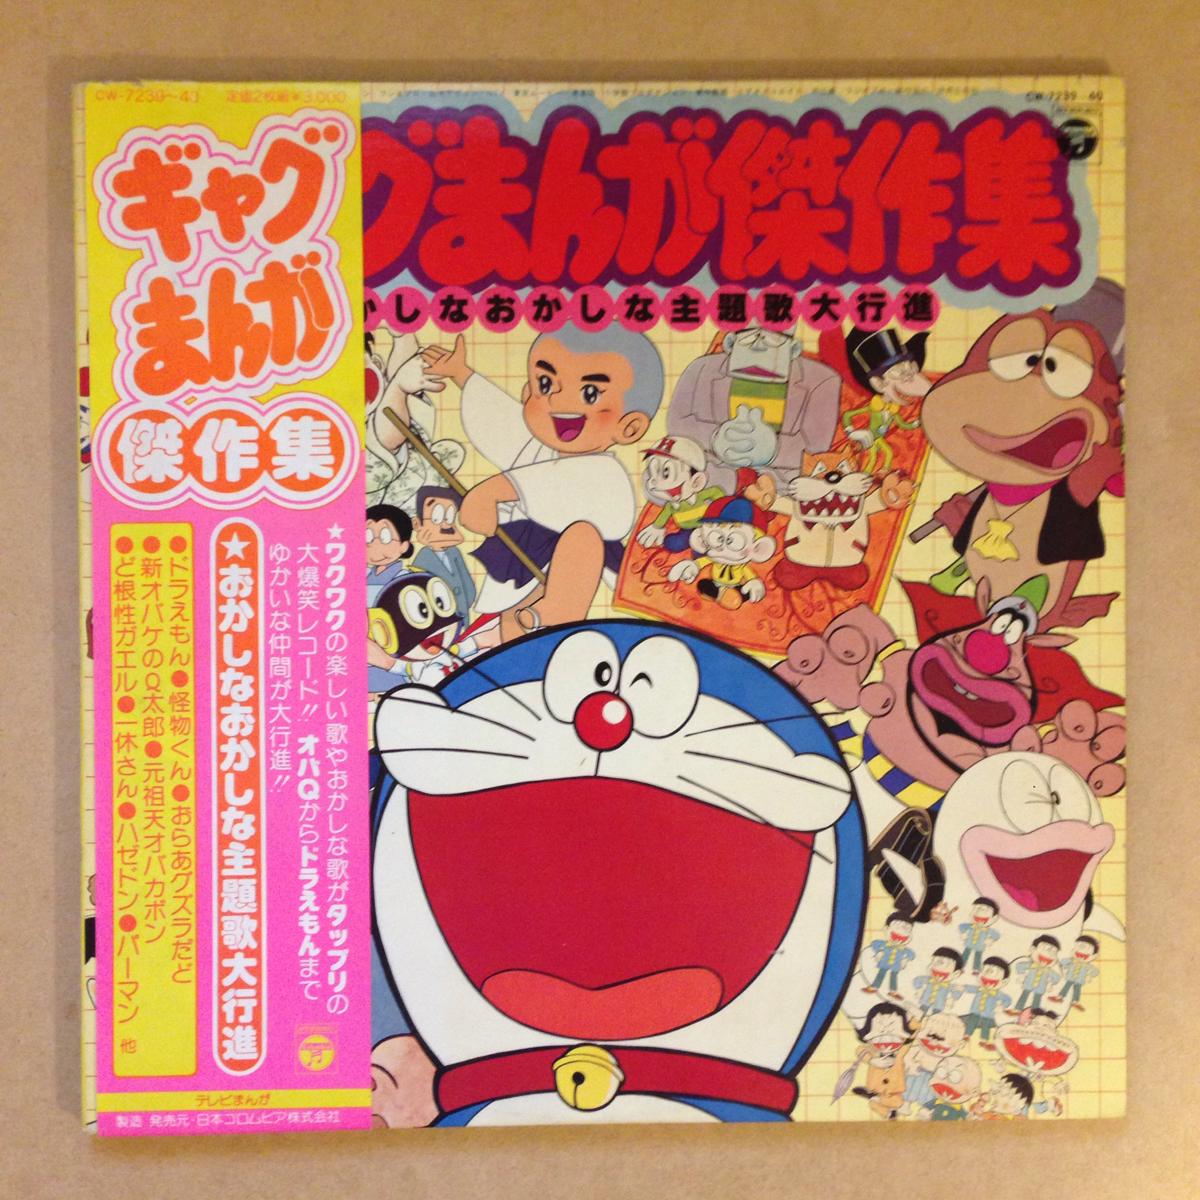 【中古レコード】'80sアニメオムニバス「ギャグまんが傑作集☆おかしなおかしな主題歌大行進」帯付 ドラえもん ハクション大魔王 一休さん グッズの画像